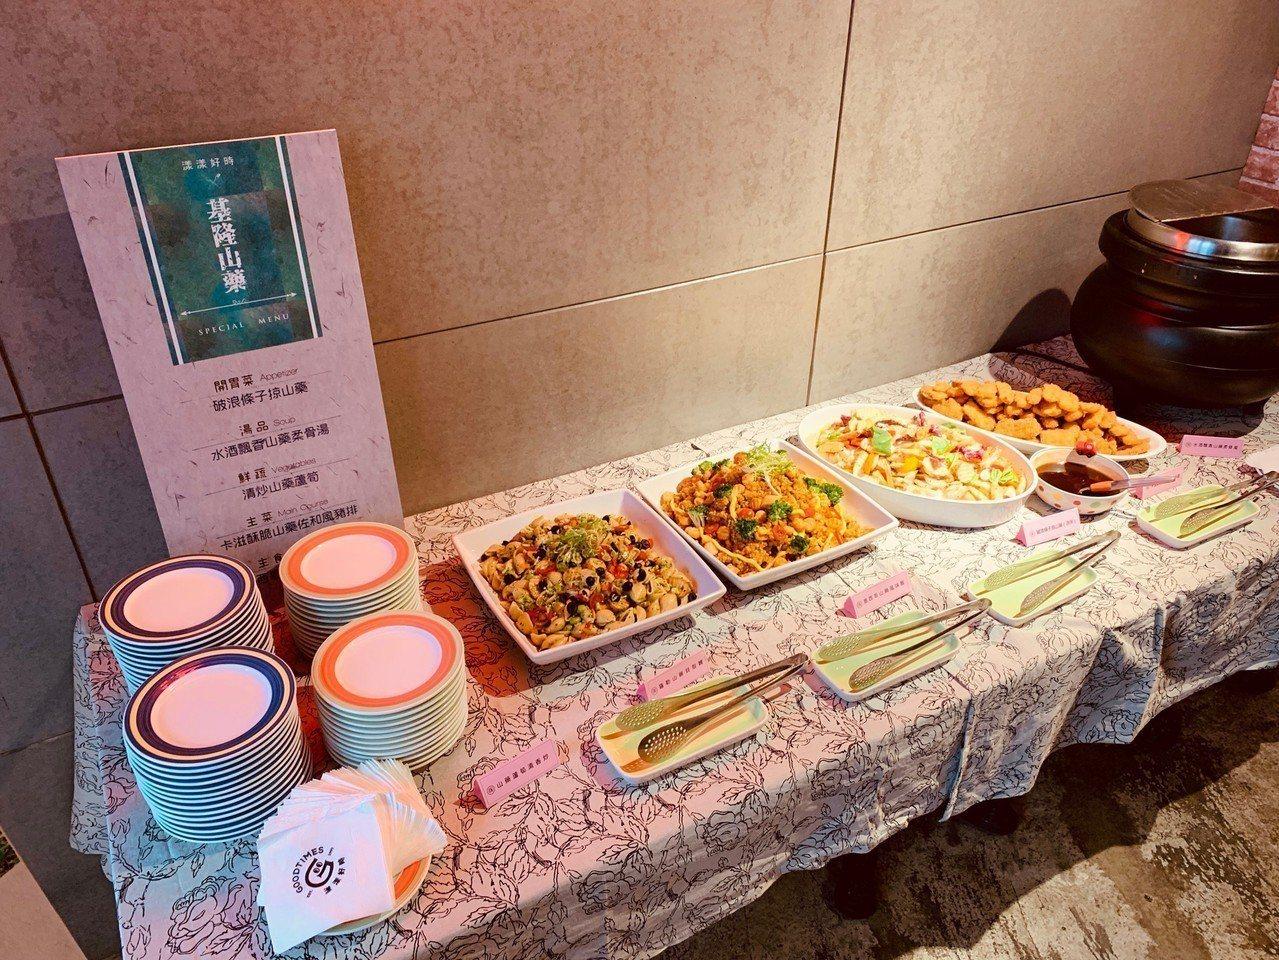 基隆山藥肉白口感佳,目前正值產季,市府為推廣山藥,昨天在「漾漾好時」餐廳舉辦基隆...